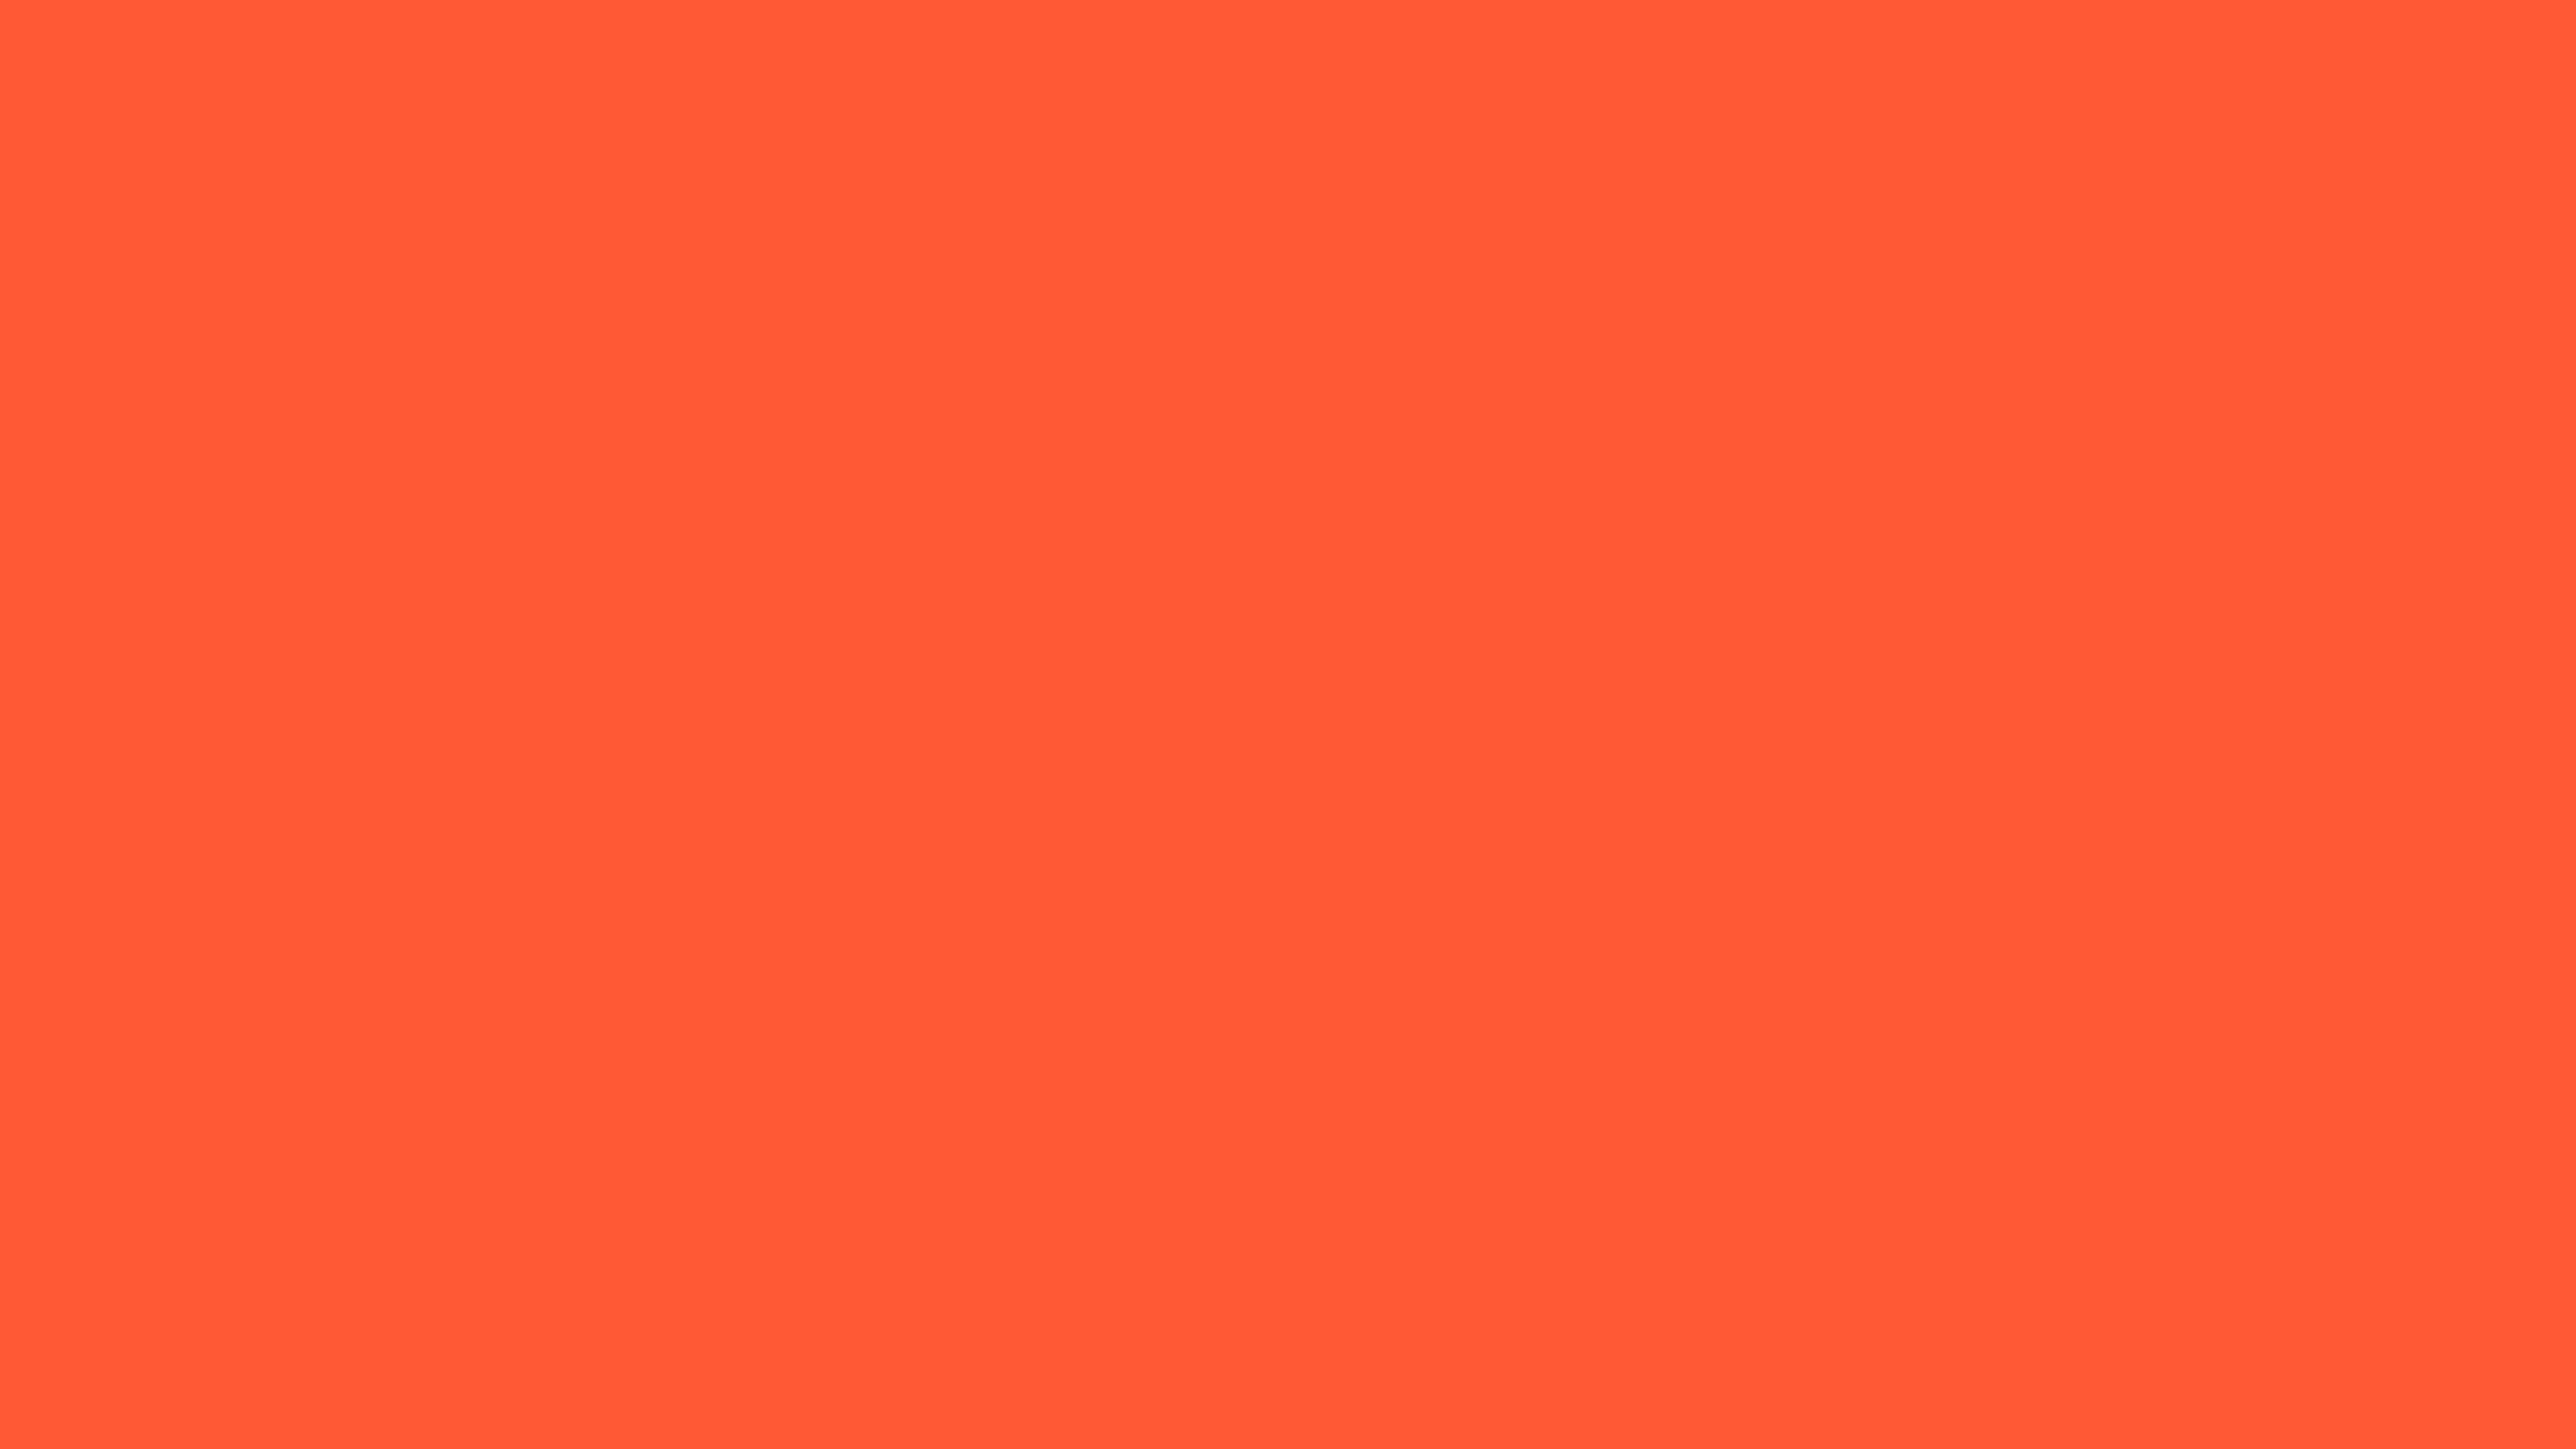 7680x4320 Portland Orange Solid Color Background